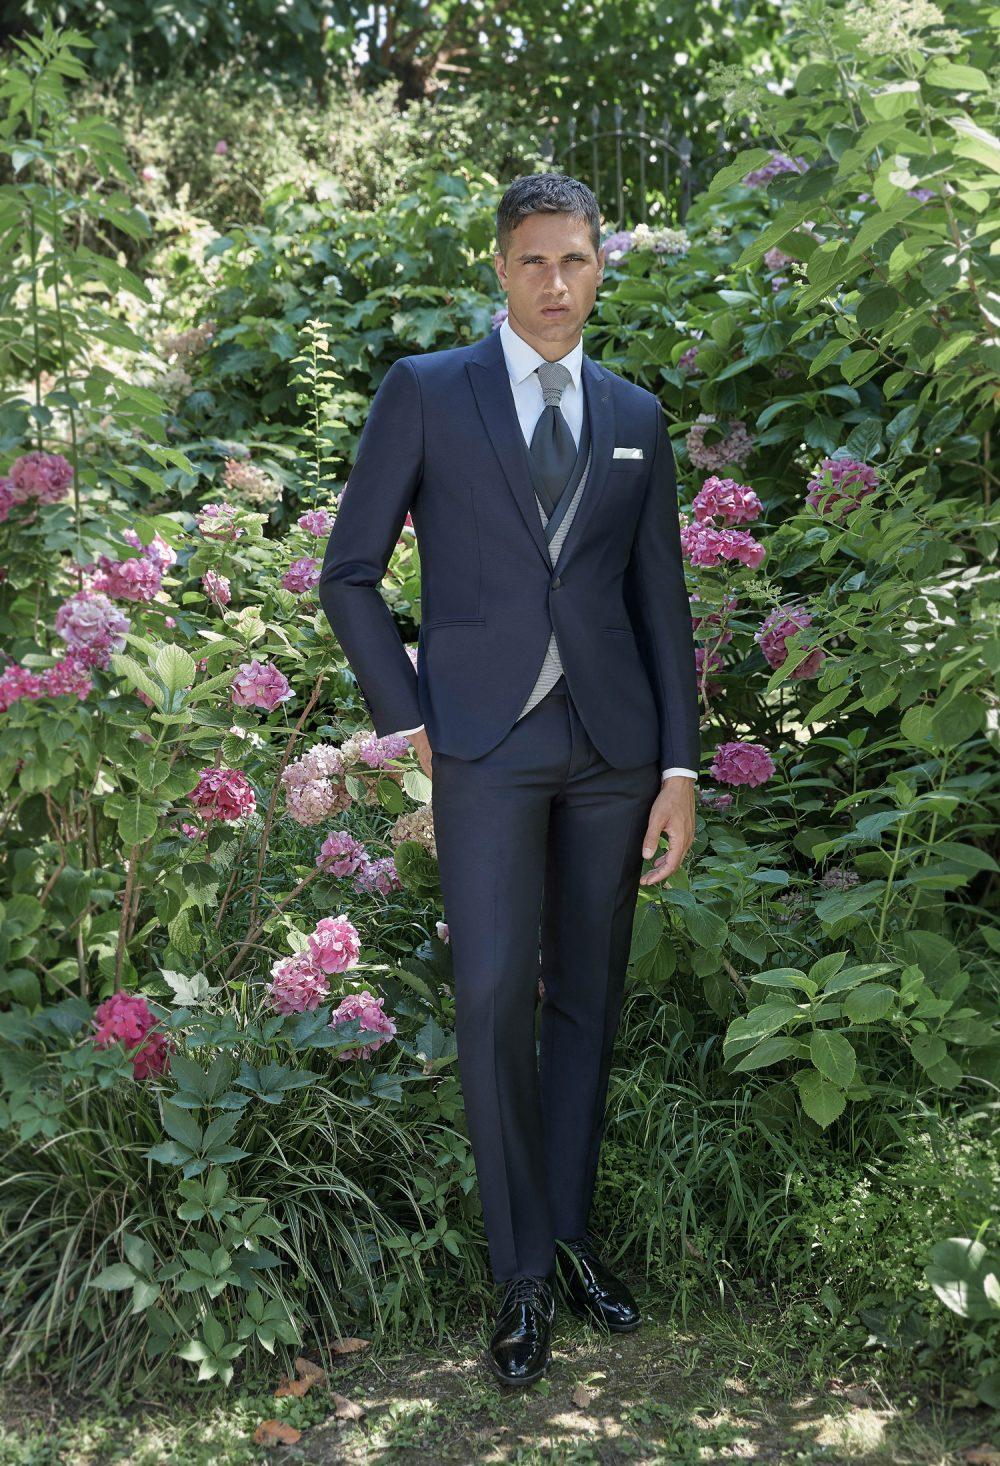 Abito vestito da sposo Thomas Pina 2021 a Vicenza 2138300